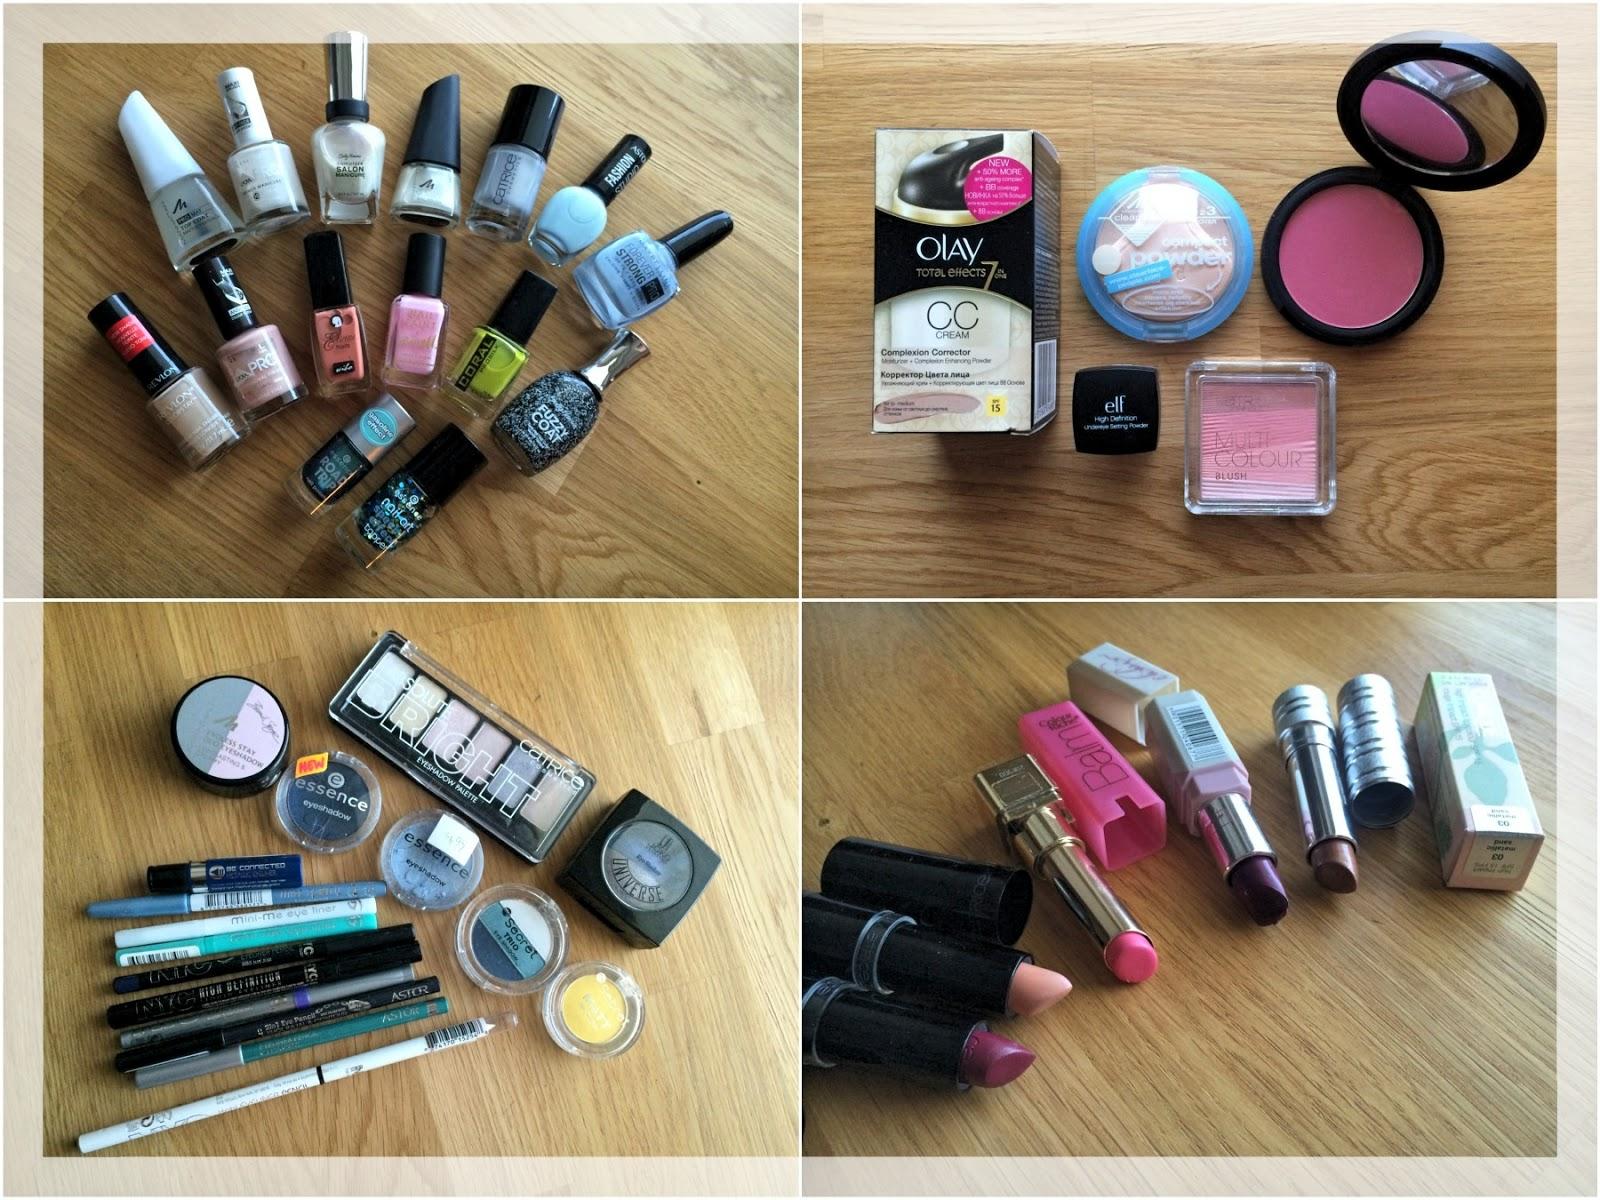 Kosmetyki szukają nowego domu, przygarnij je! – odsłona druga: kolorówka